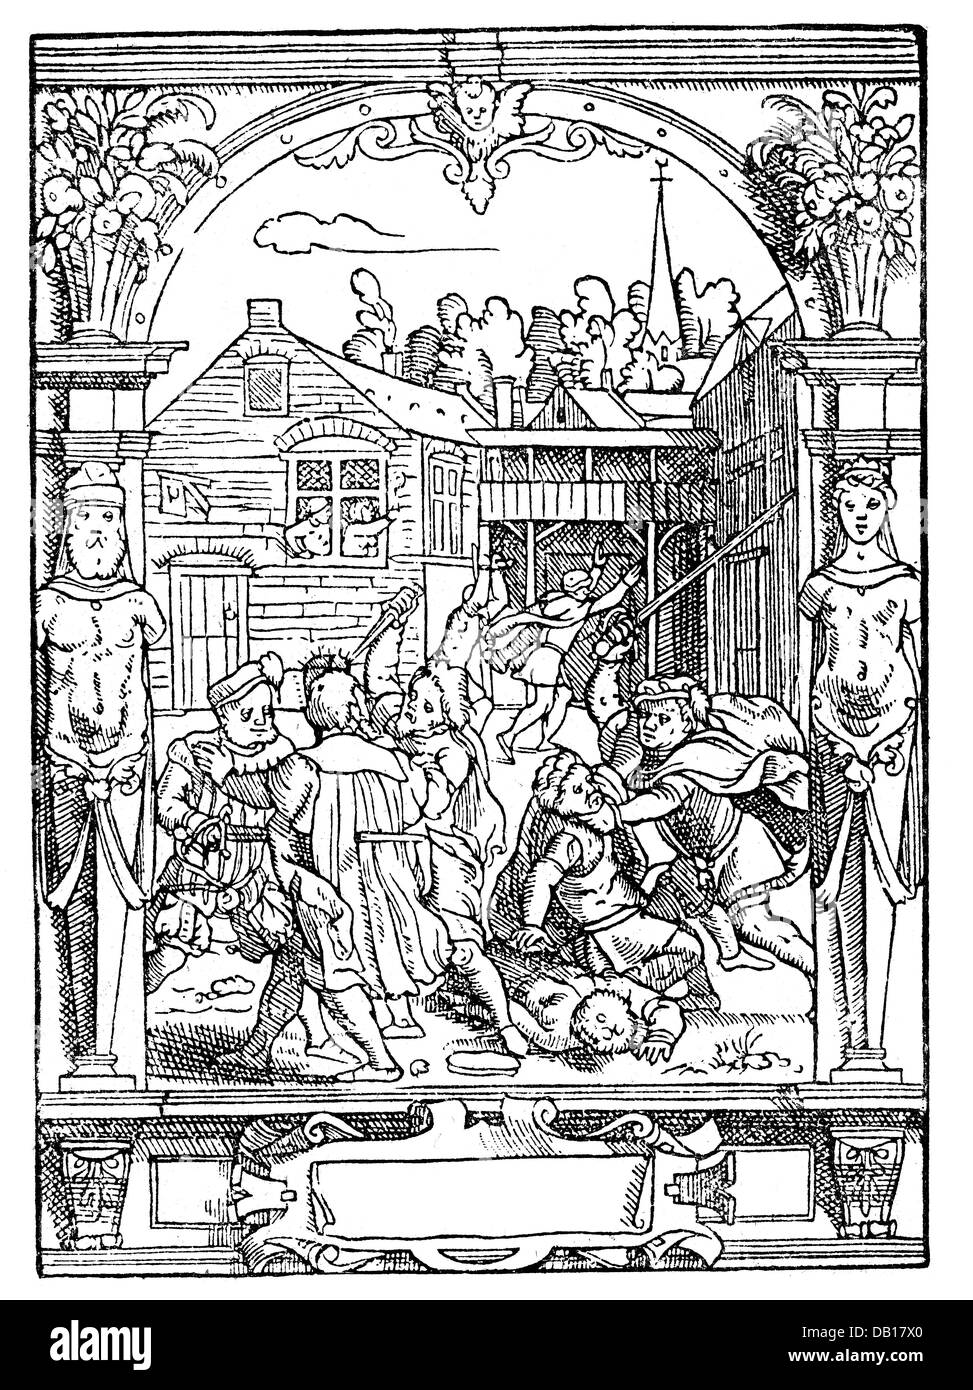 La rebelión de las Cofradías de Valencia 1520 - 1521, Copyright del artista no ha de ser borrado Foto de stock